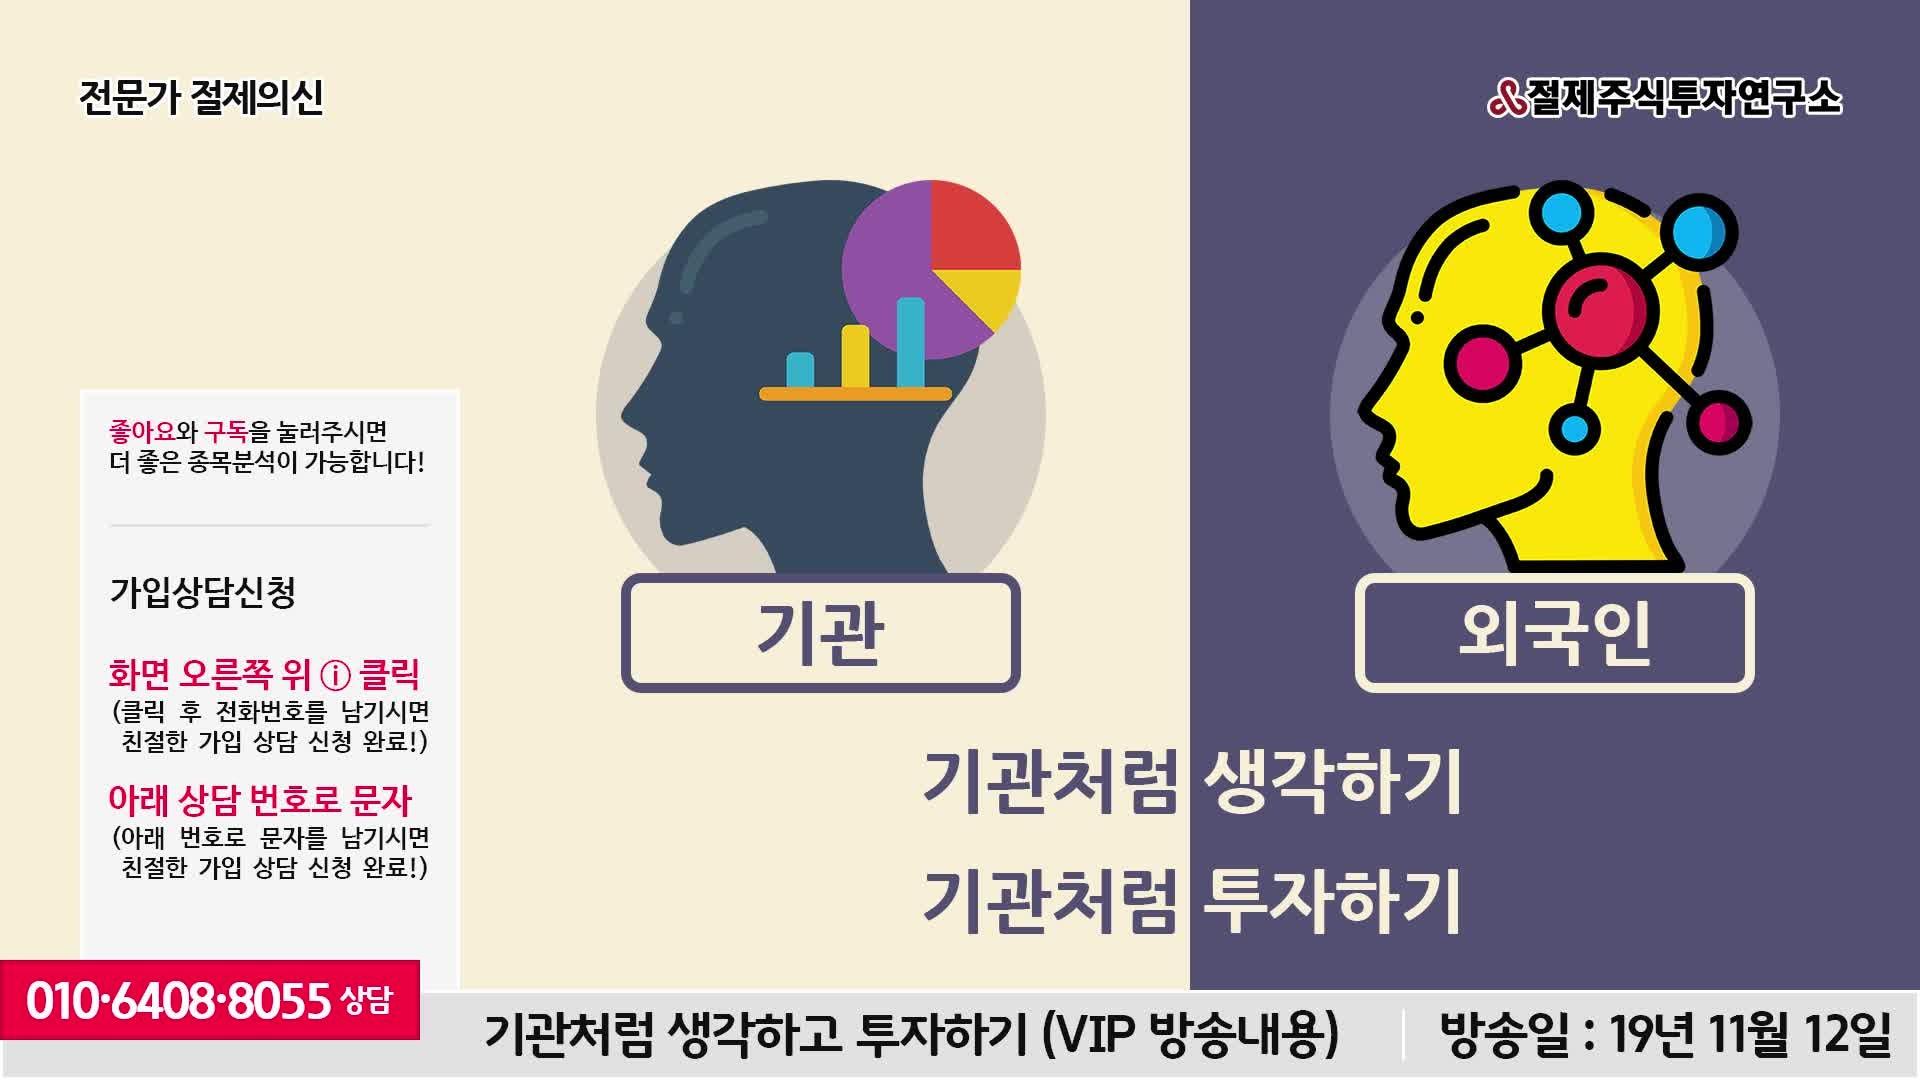 [주식] [헬릭스미스 주식분석] 헬릭스미스 기관처럼 생각하고 투자하기 (VIP 방송내용)